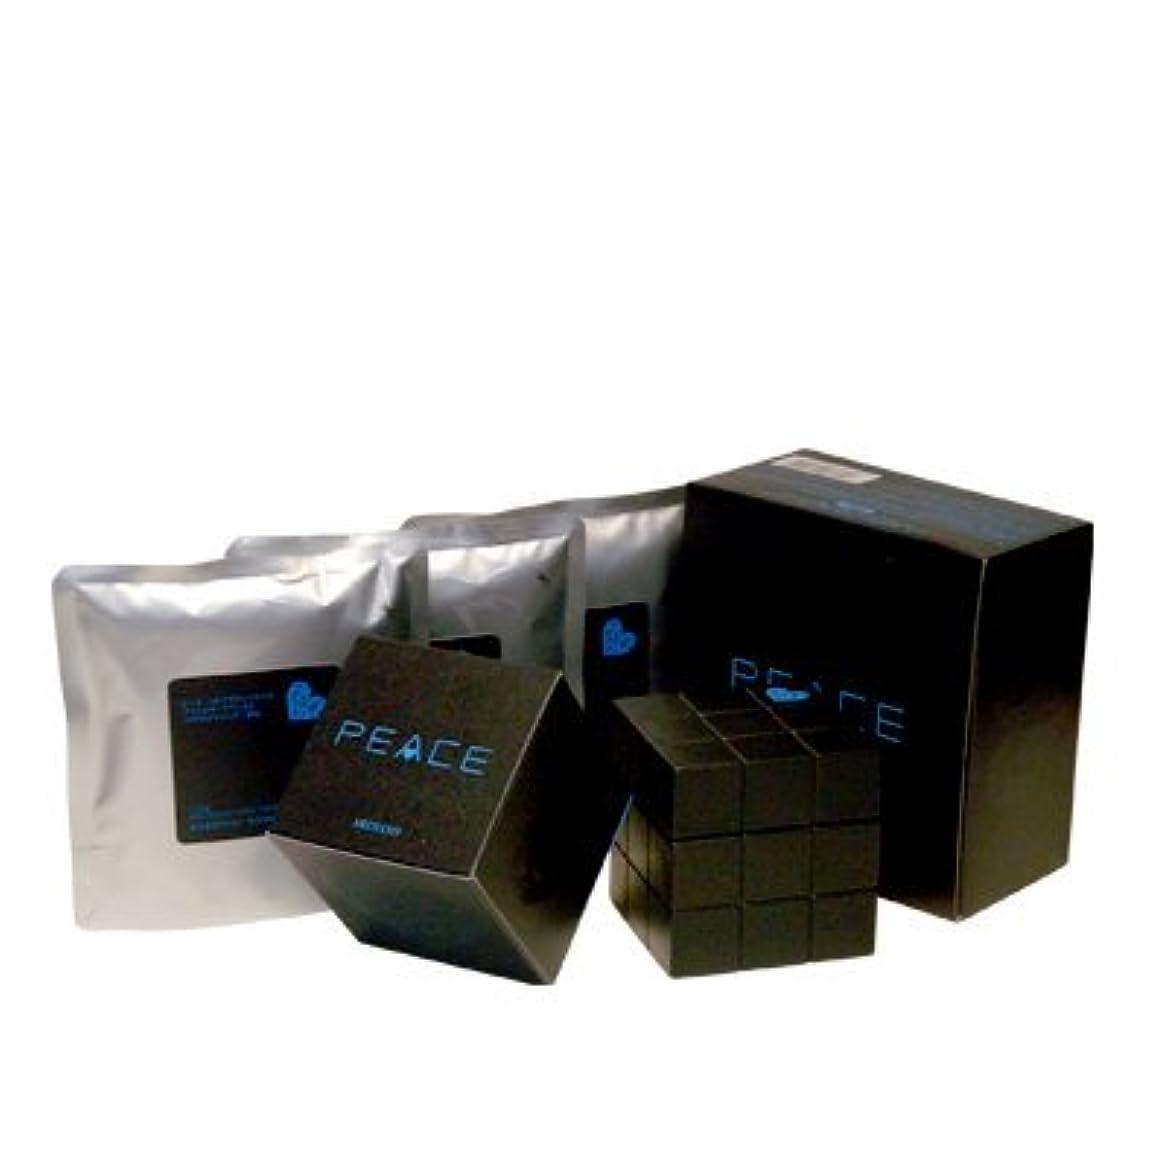 暗記する文字マークダウンアリミノ ピース プロデザインシリーズ フリーズキープワックス ブラック80g+詰め替え80g×3